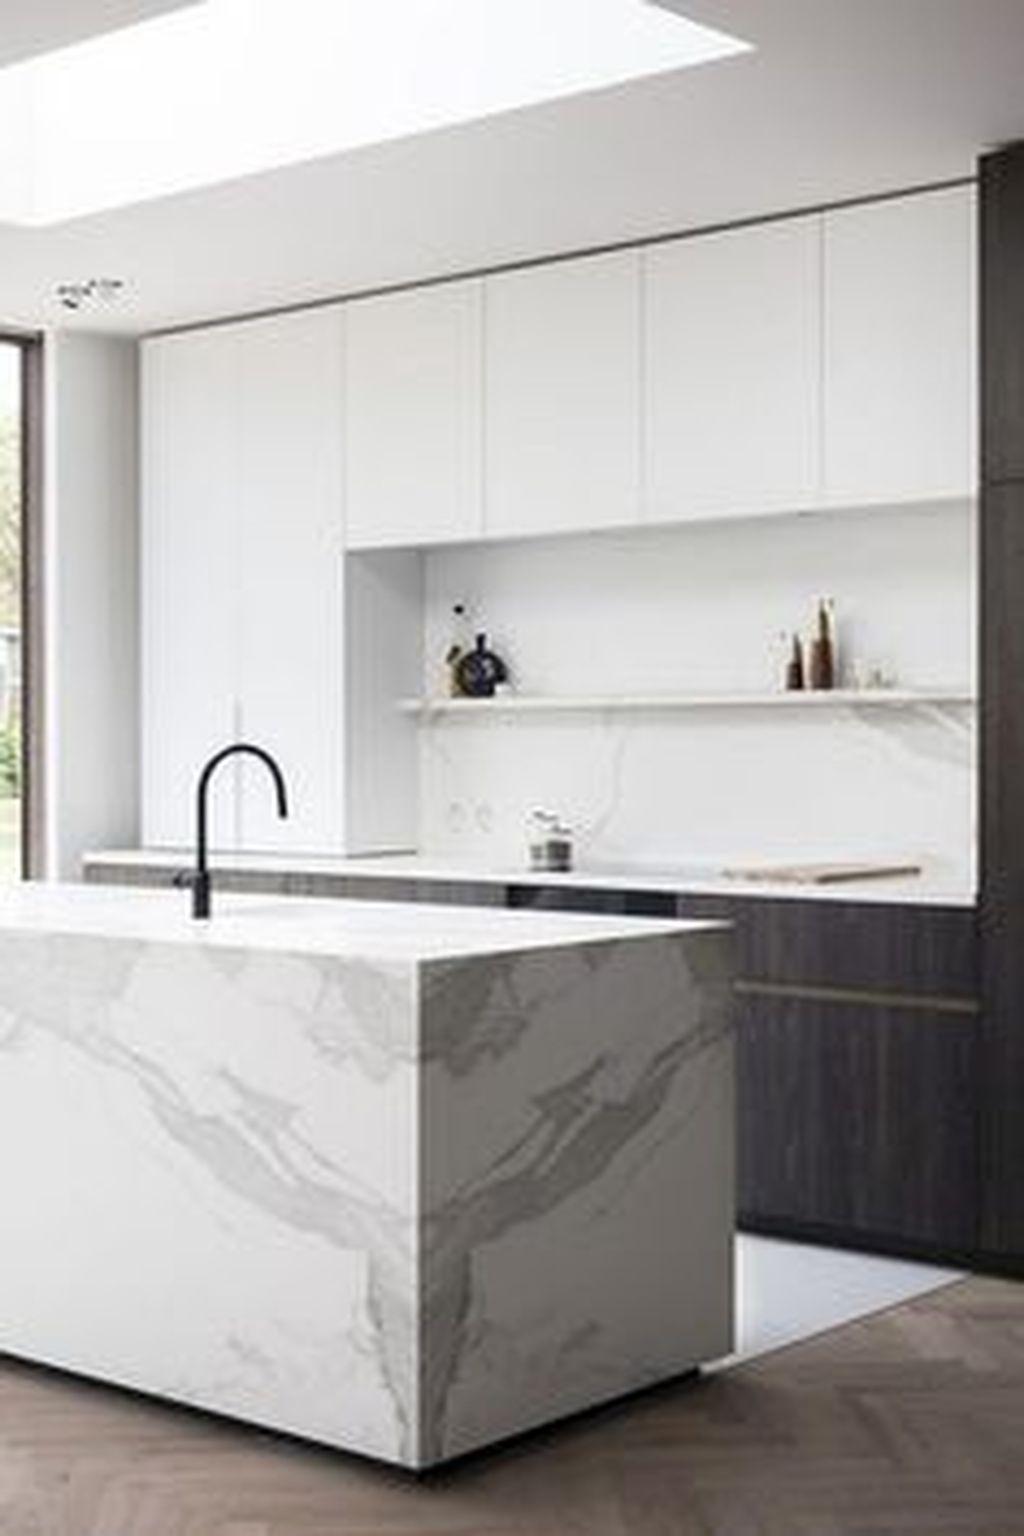 37 Stylish Mid Century Modern Kitchen Design Ideas 25